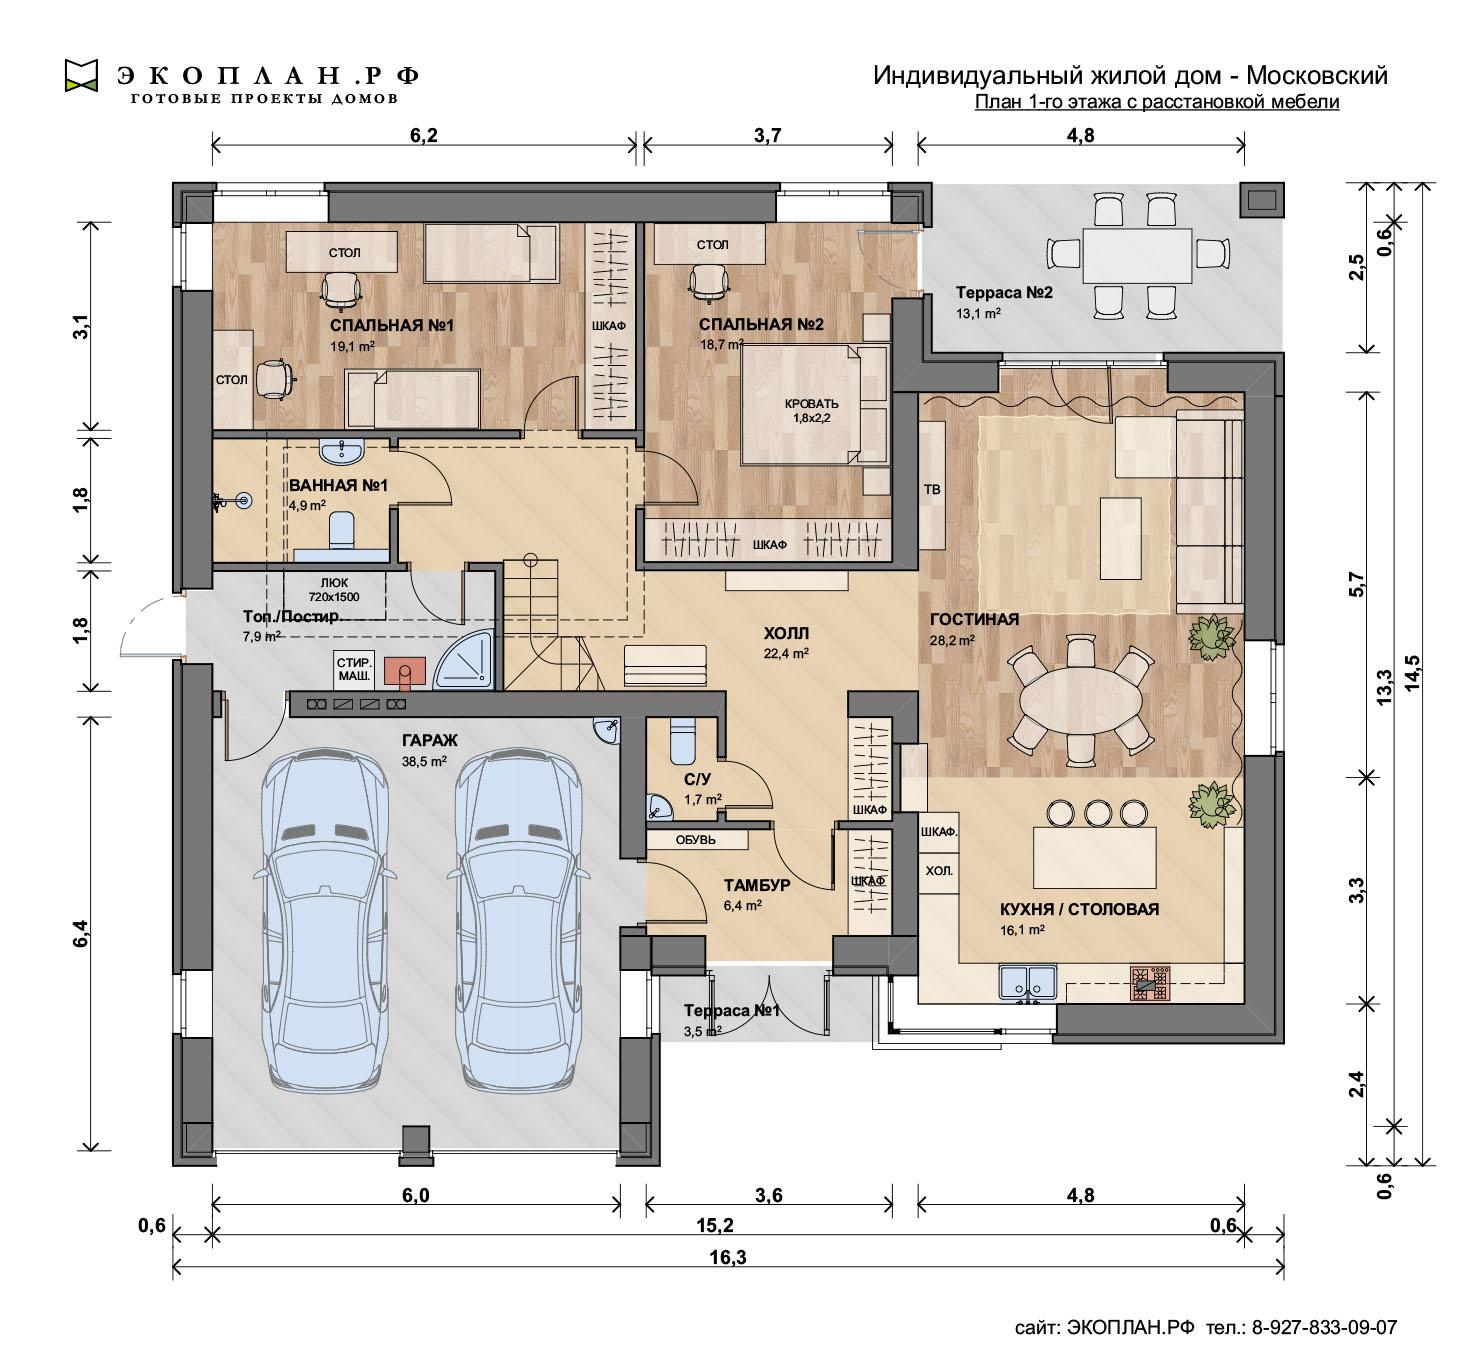 Московский проект дома - Экоплан план